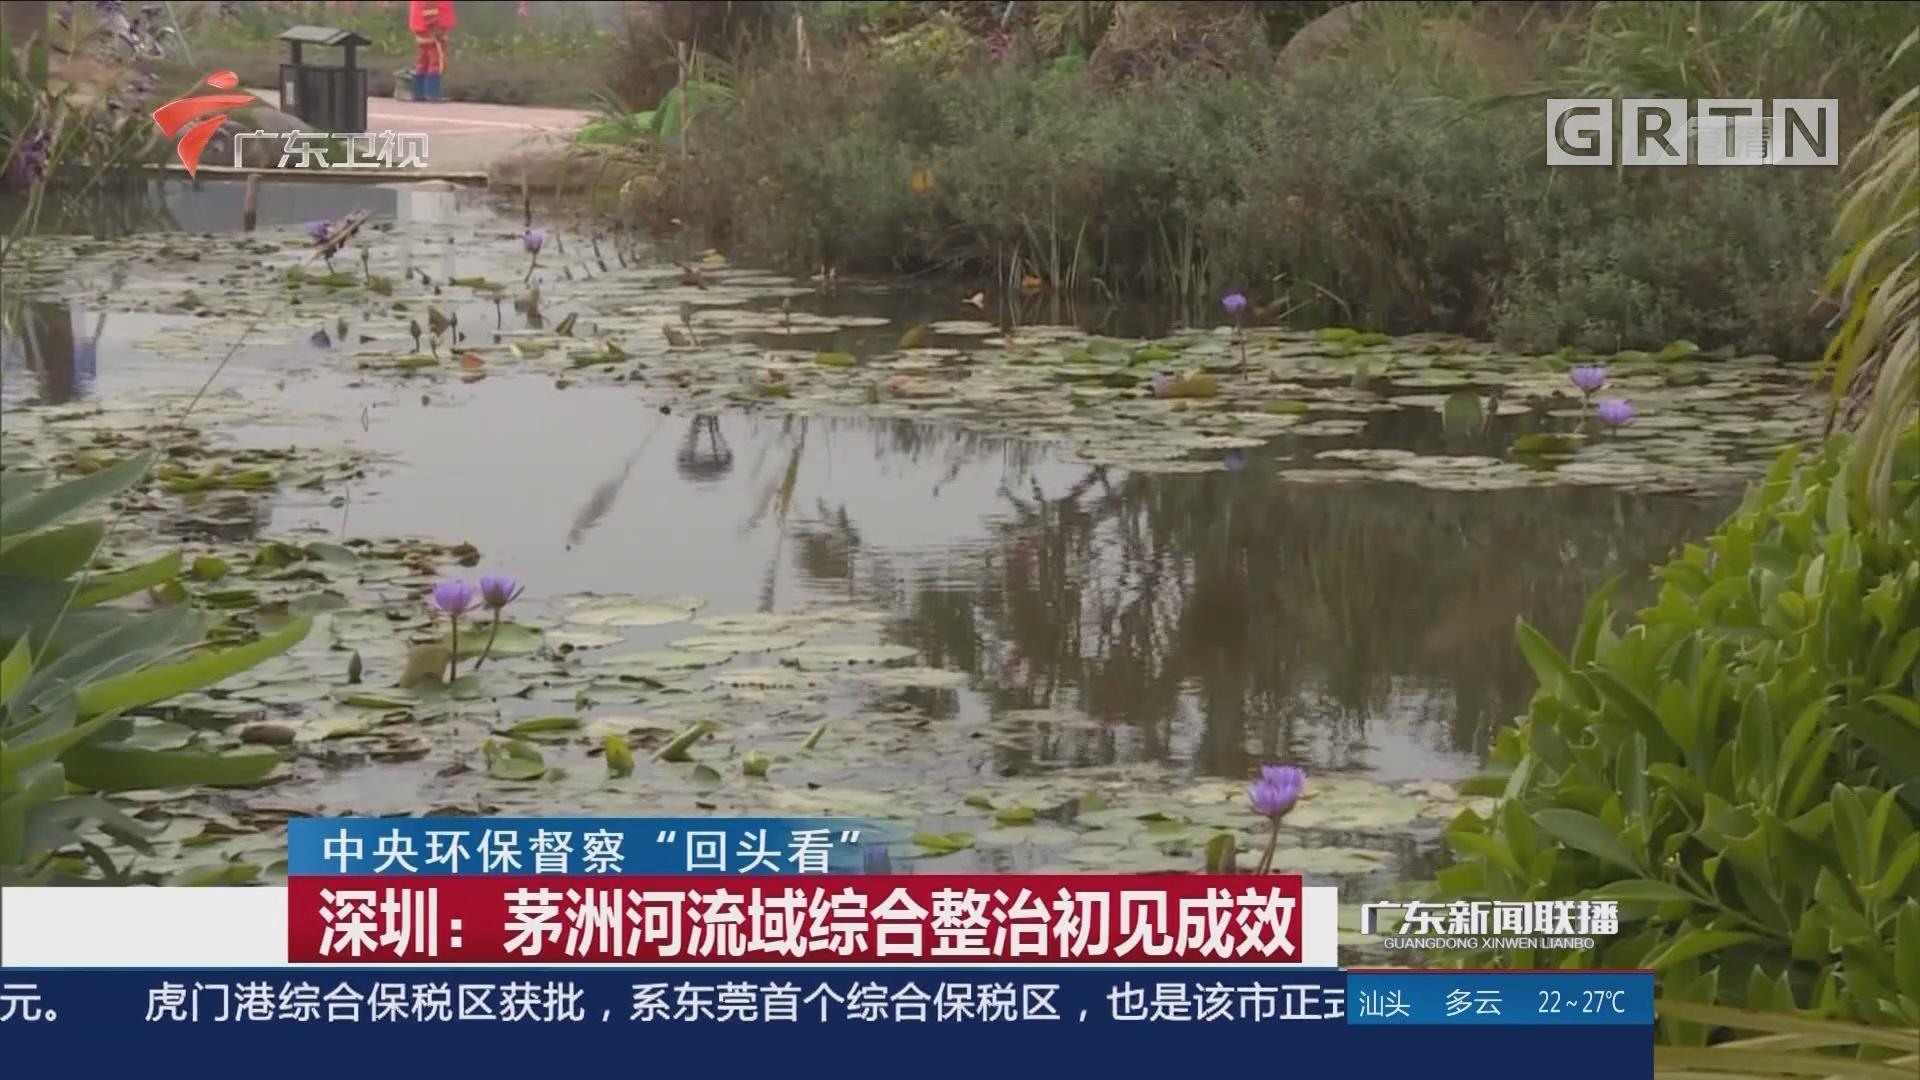 深圳:茅洲河流域综合整治初见成效